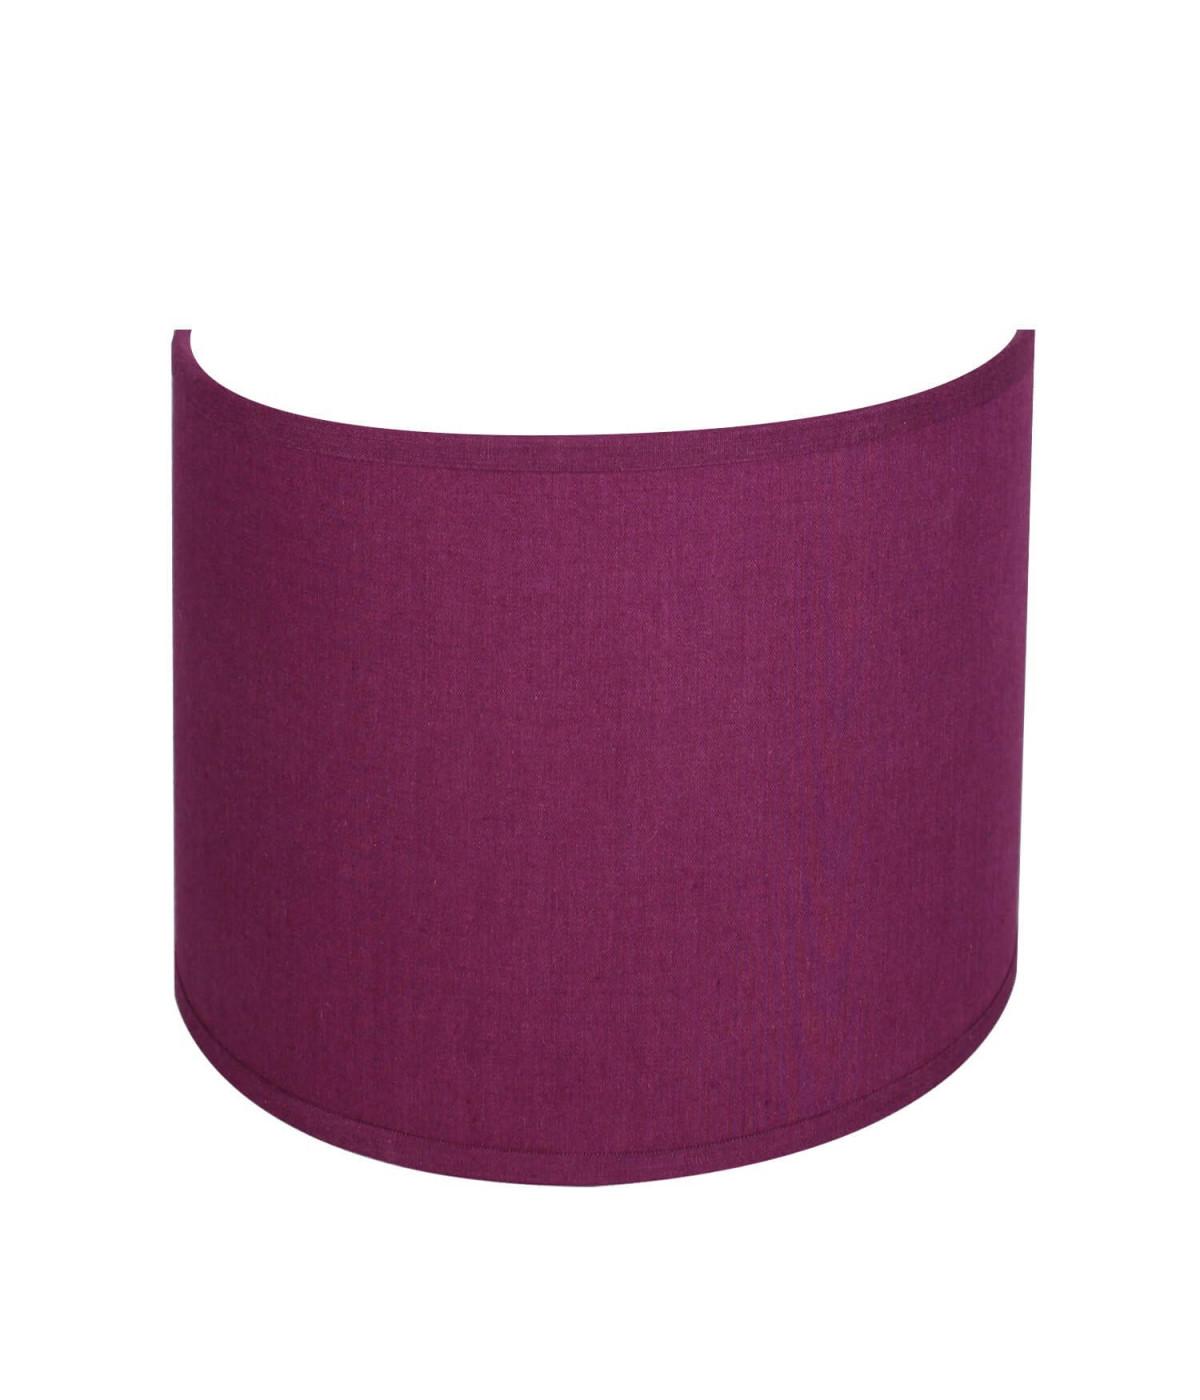 applique ronde violet